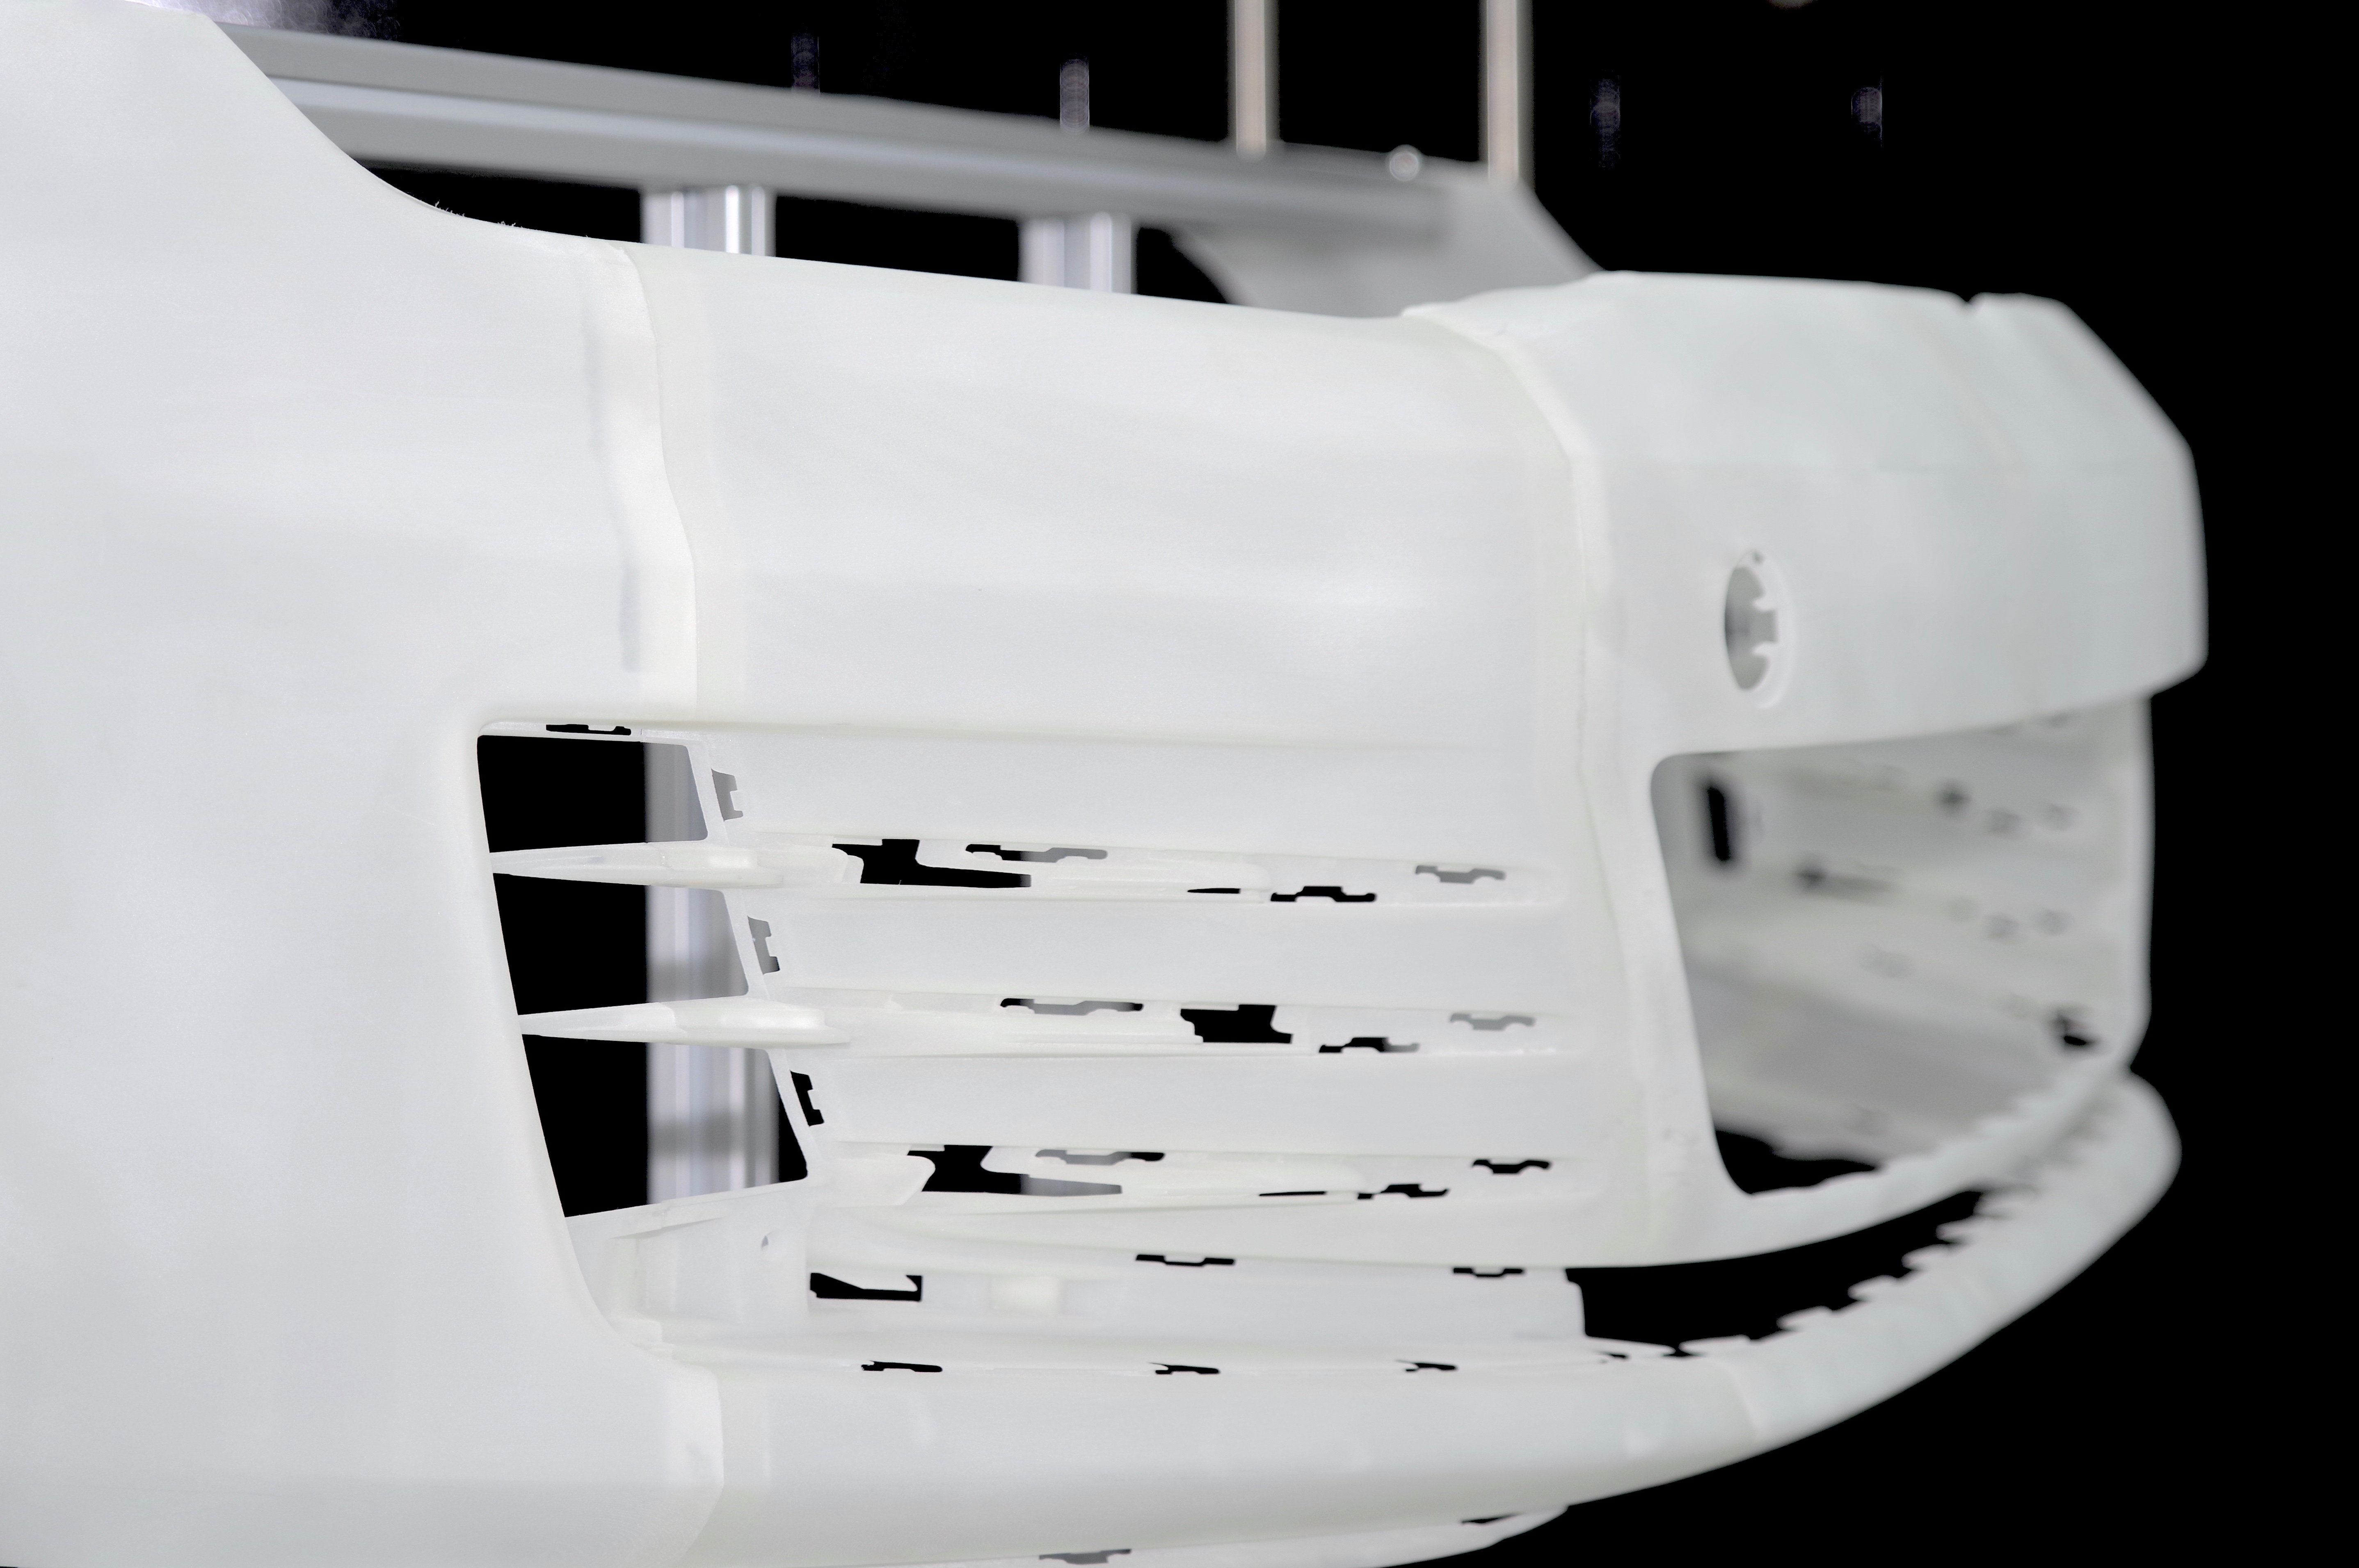 Pare-chocs de voiture VW pleine échelle